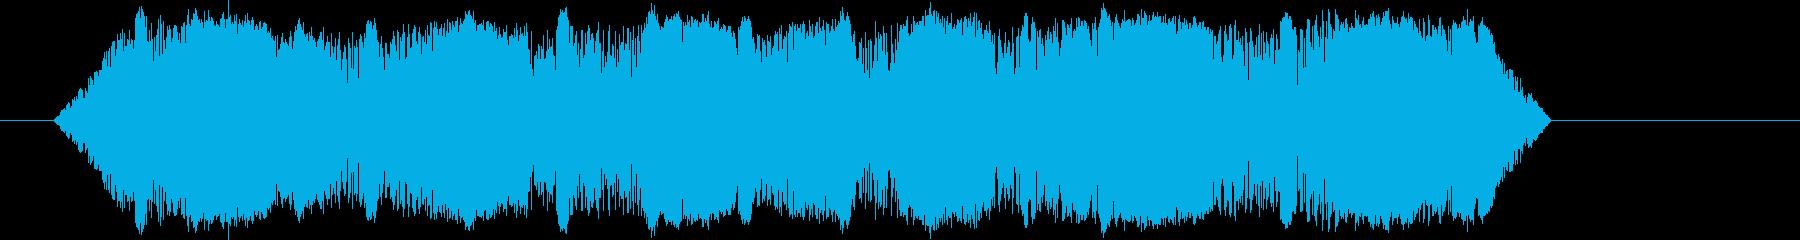 ヒキガエル、スペードフットクローク...の再生済みの波形